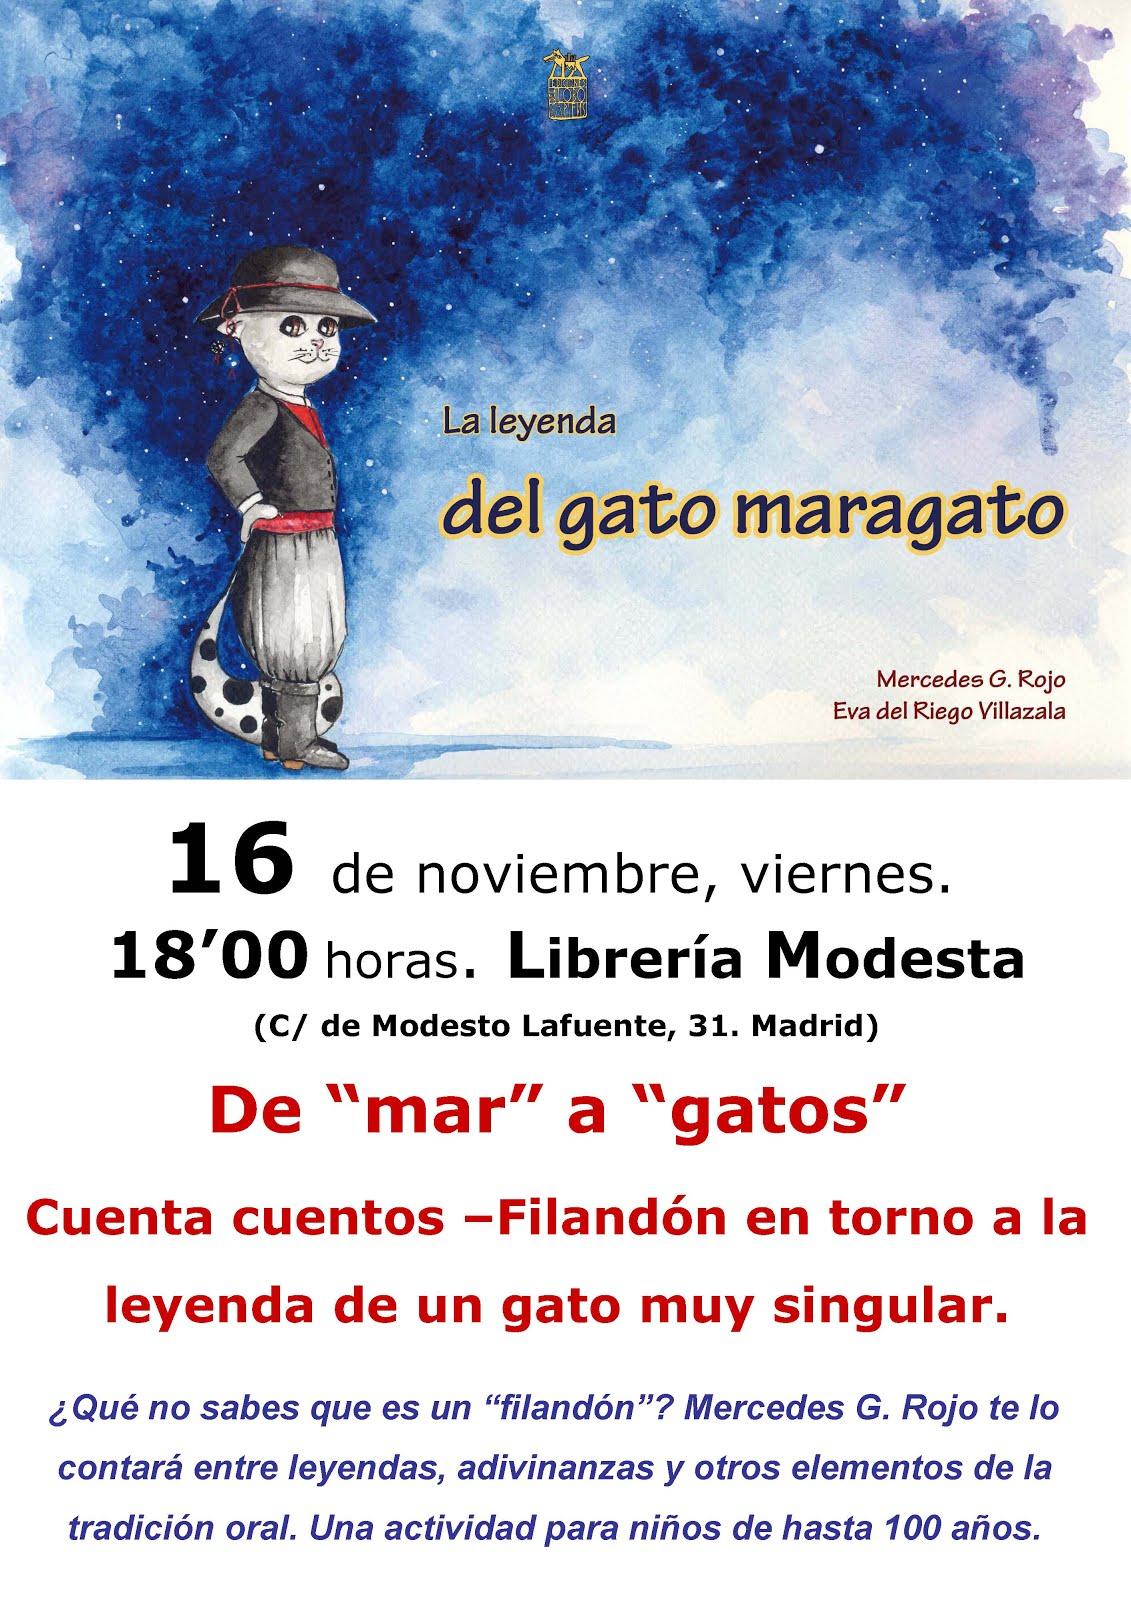 """De """"mar"""" a """"gatos"""", en la Librería Modesta de Madrid."""